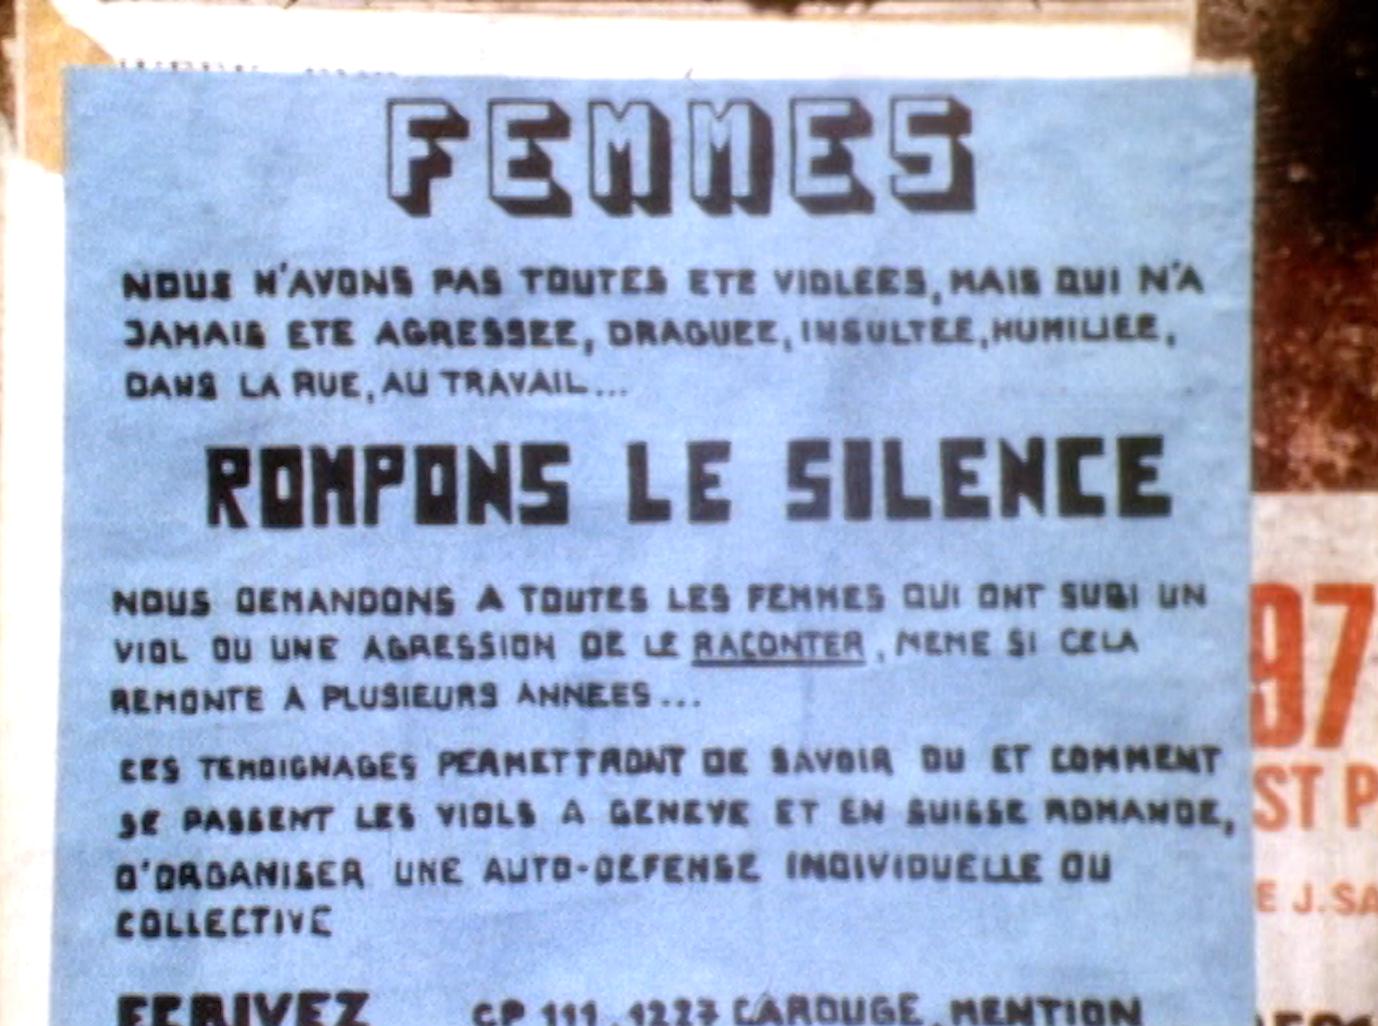 Centre-femmes de Genève